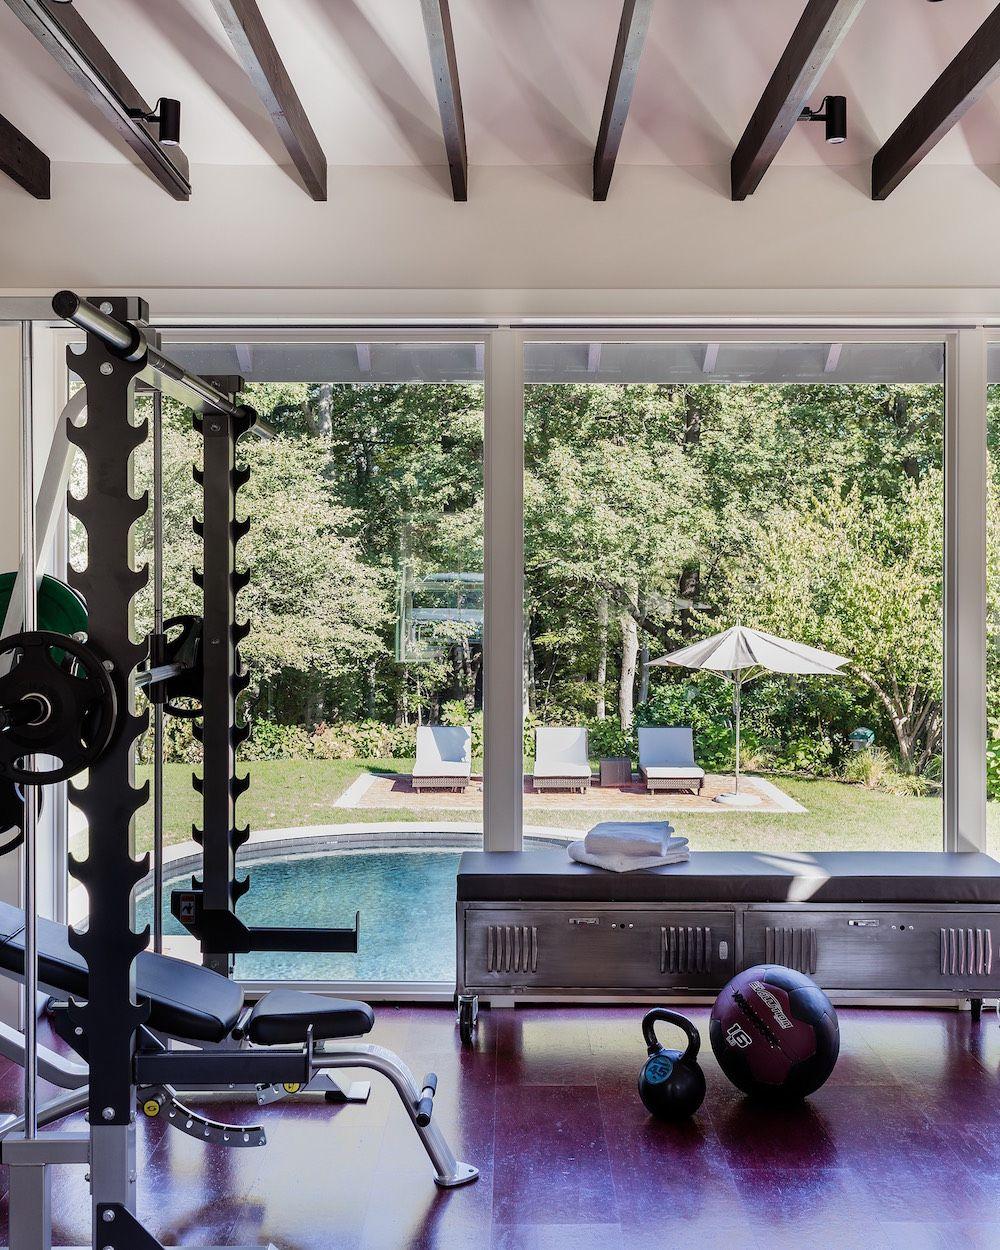 Interior Design Ideas For Home Gym: Brookline Carriage House- Elms Interior Design